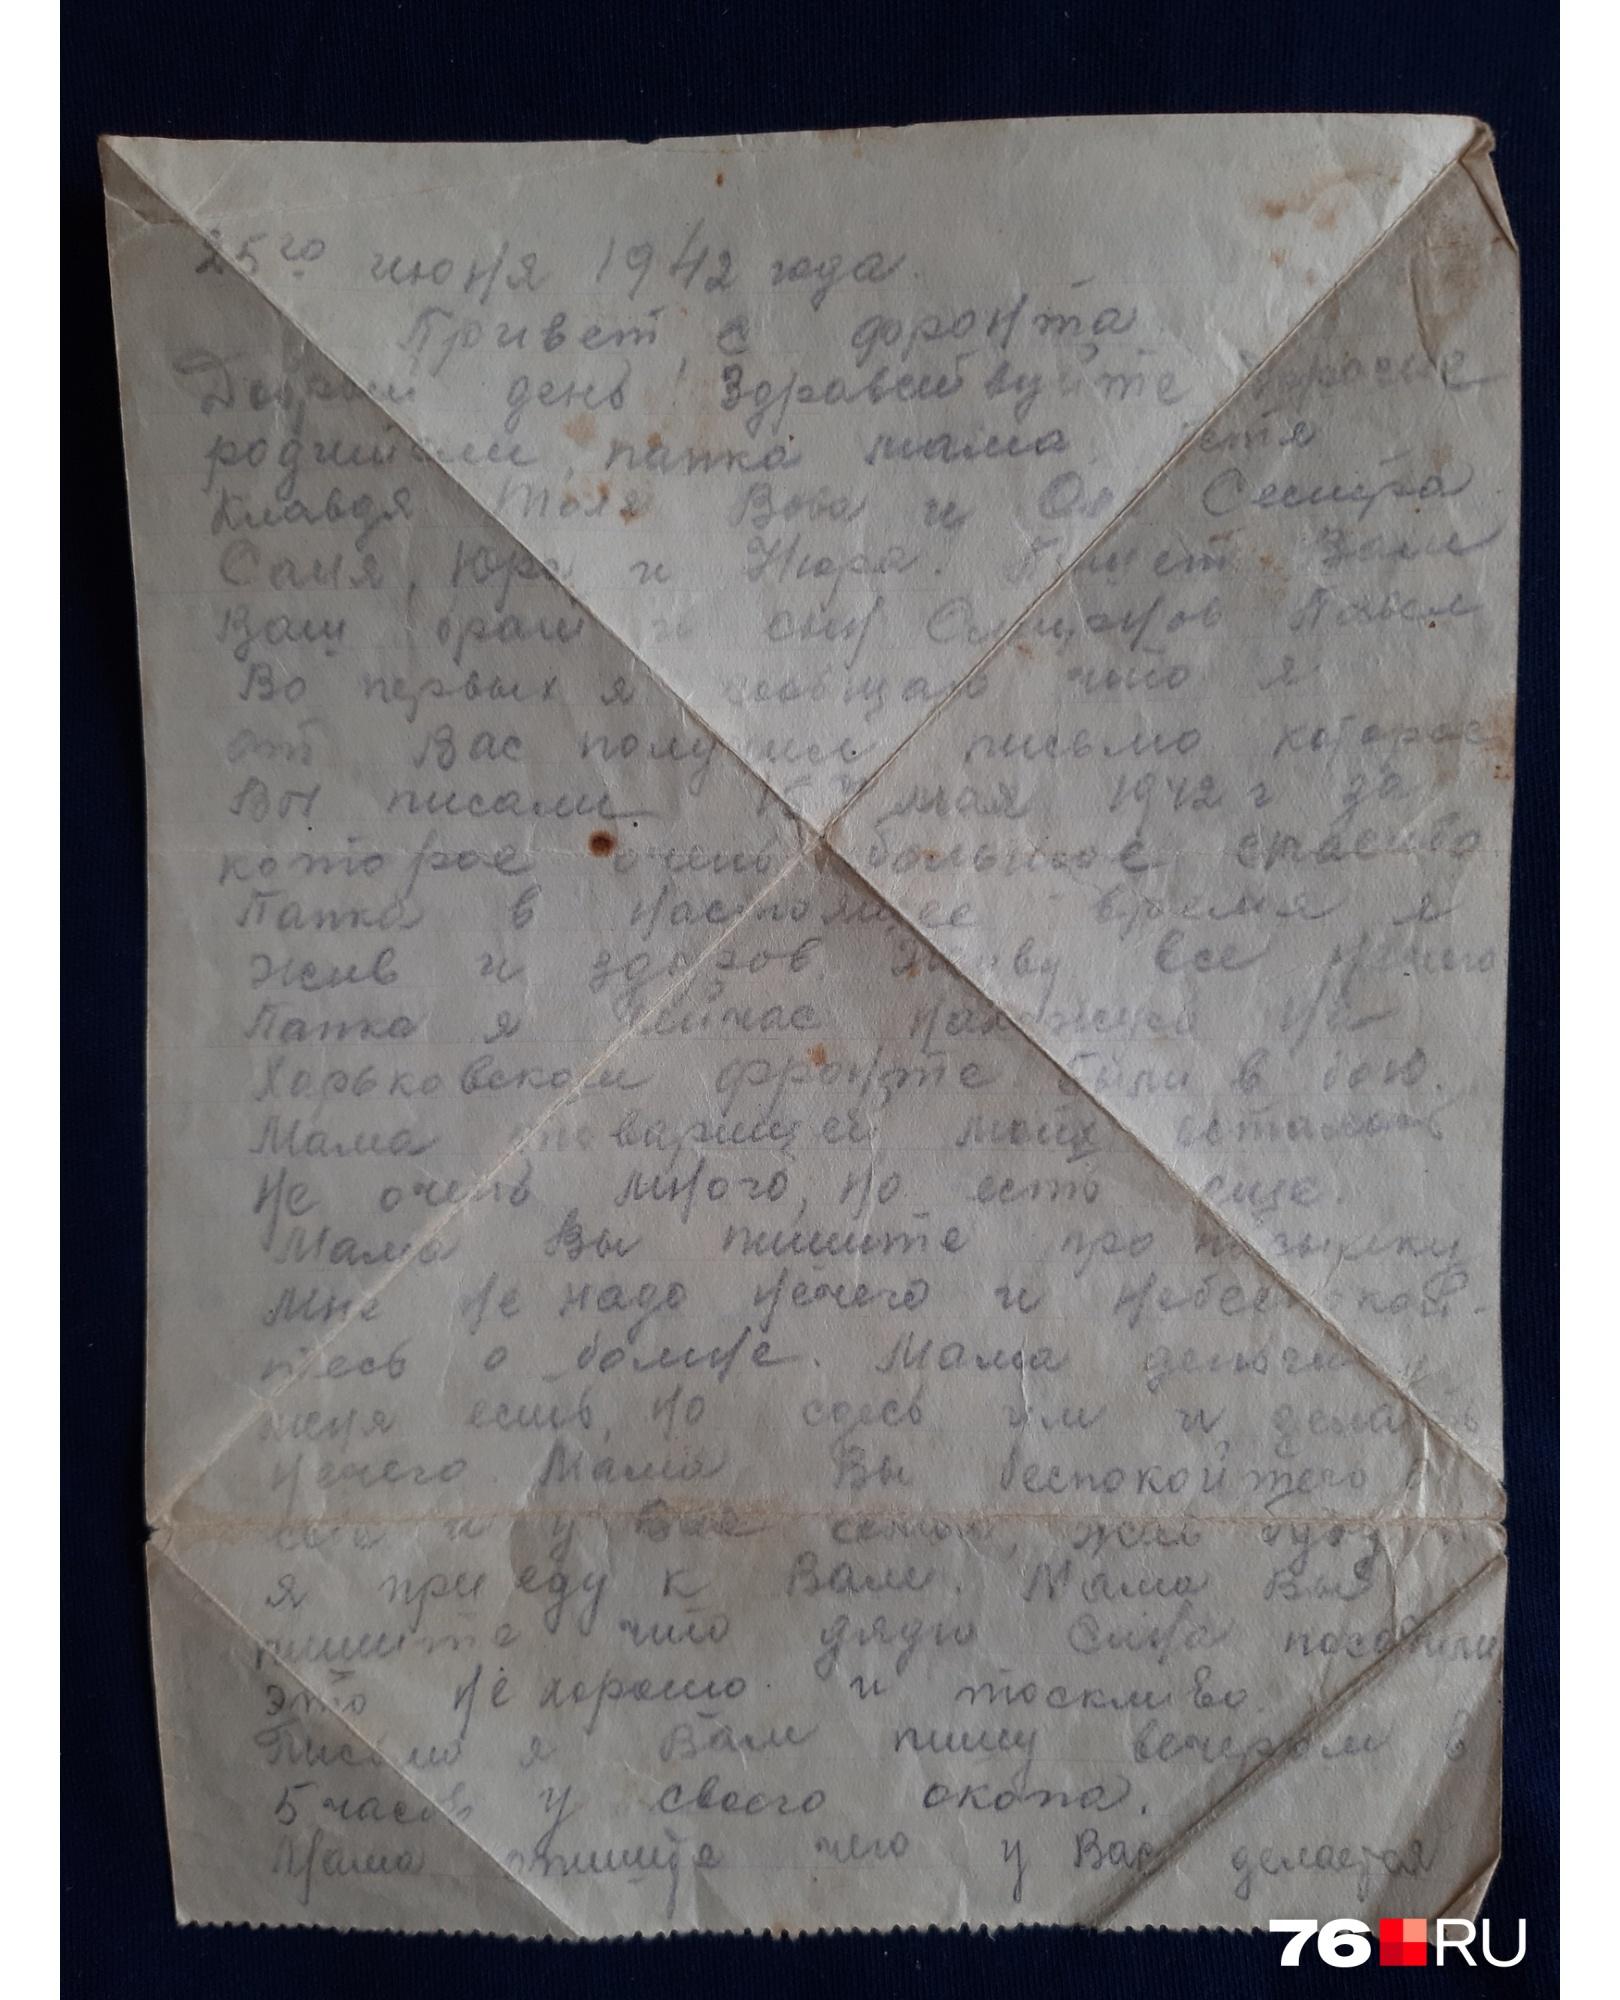 Письмо от 25 июня 1942 года